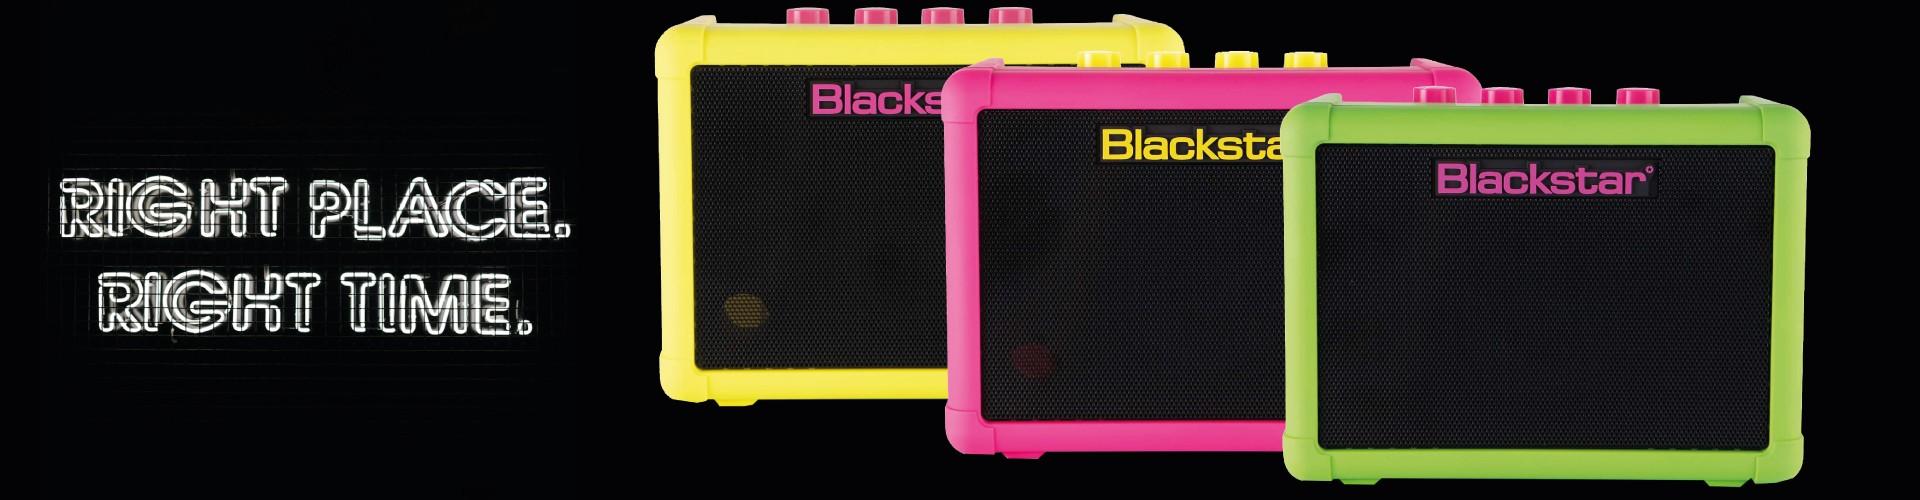 Blackstar Edición Limitada Fly 3 Neon